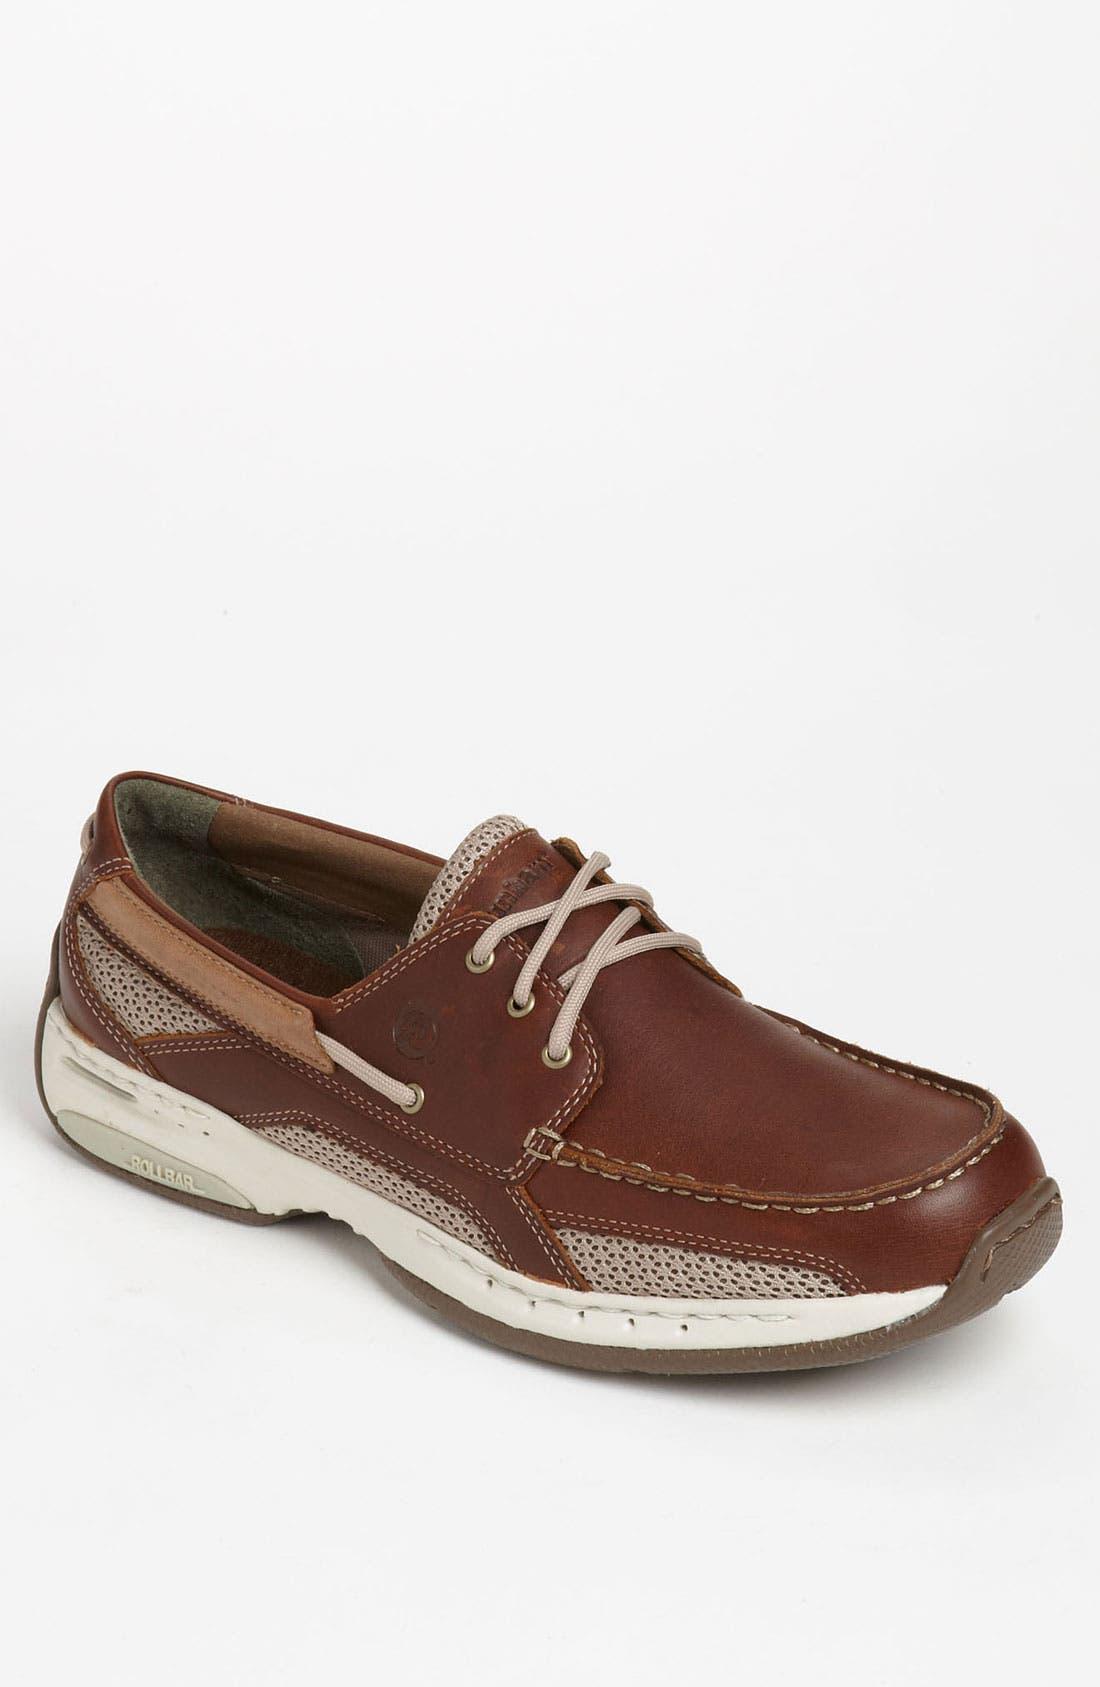 'Captain' Boat Shoe,                             Main thumbnail 1, color,                             225